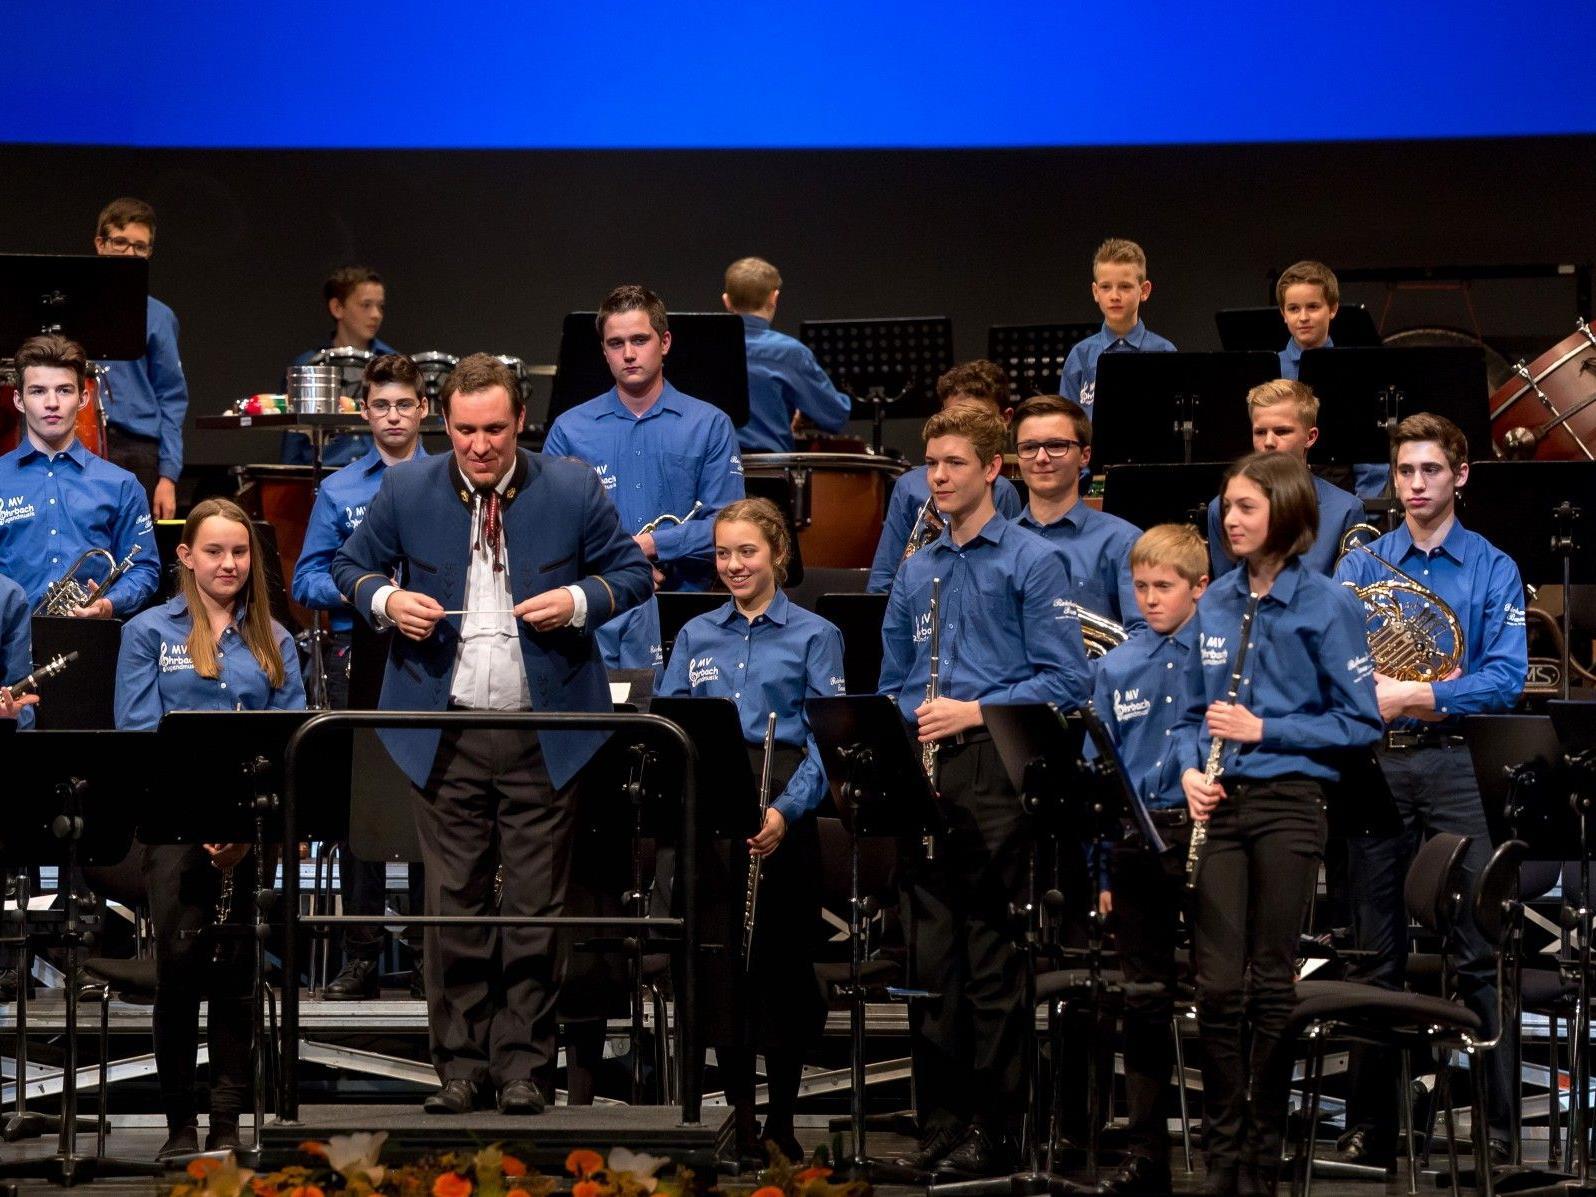 Die engagierte Jugendmusik des Musikvereins Dornbirn-Rohrbach beim jüngsten Auftritt. (Foto: Verein)